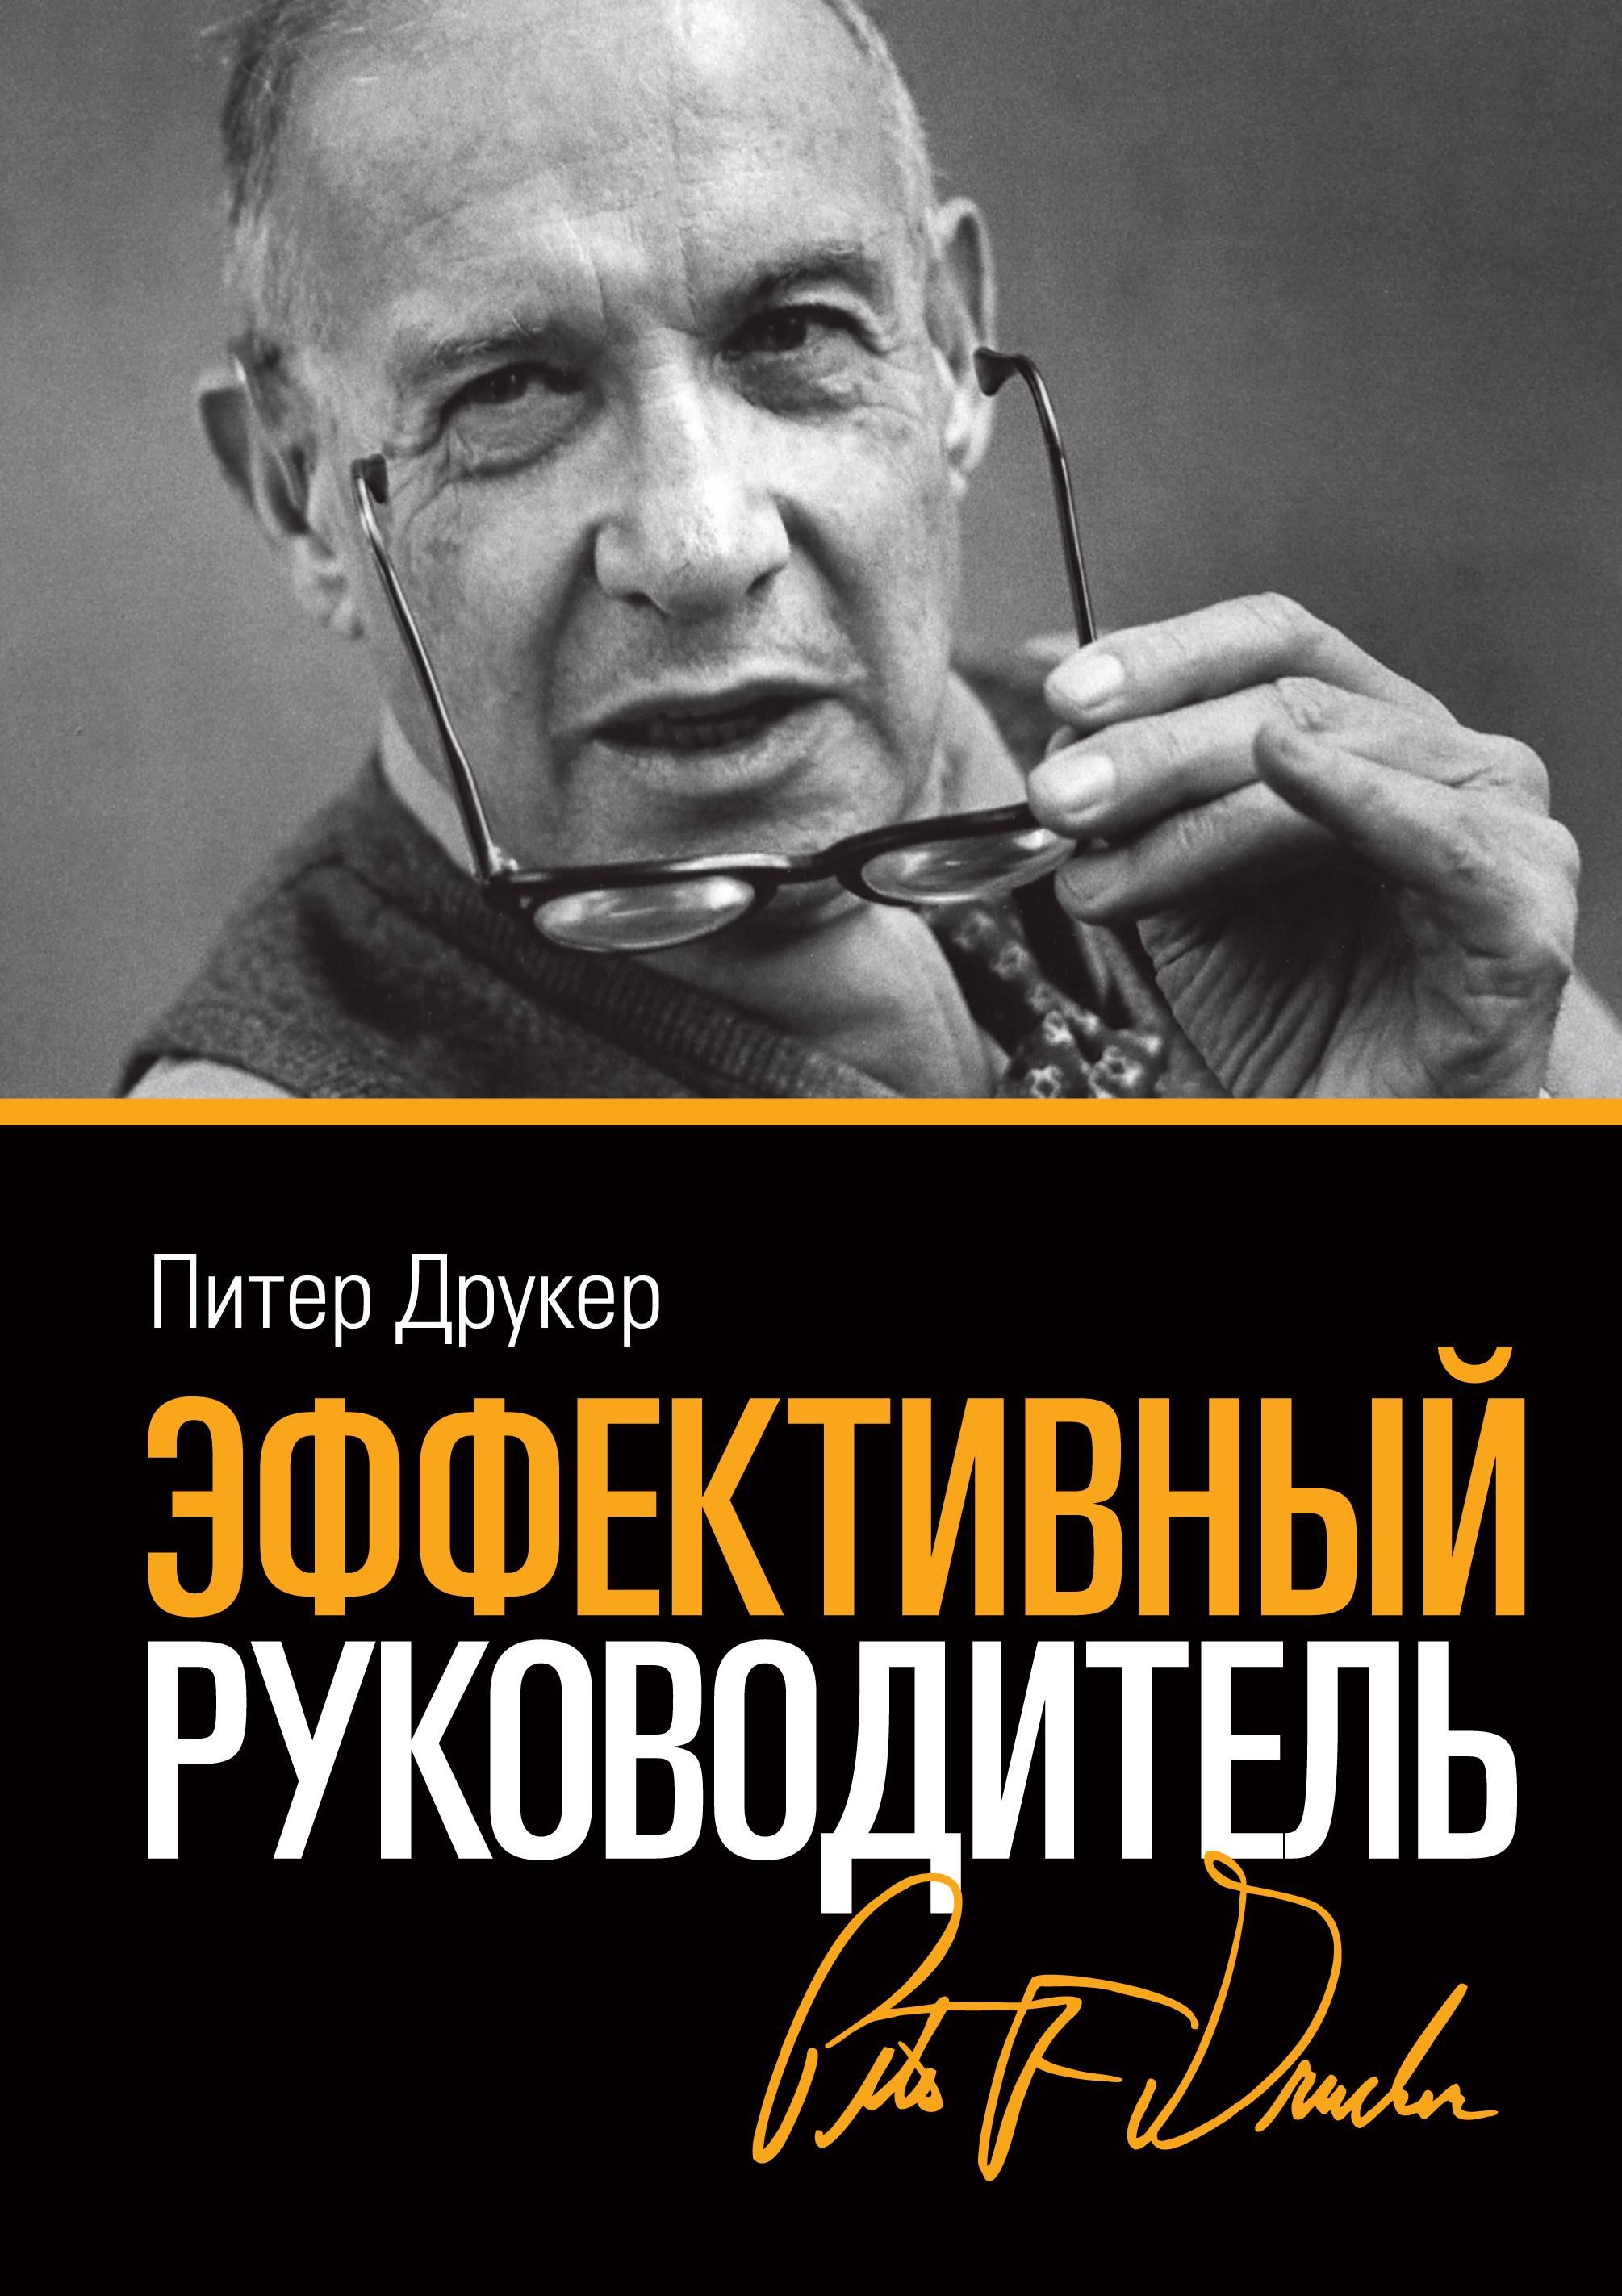 Эффективный руководитель. 4 изд.